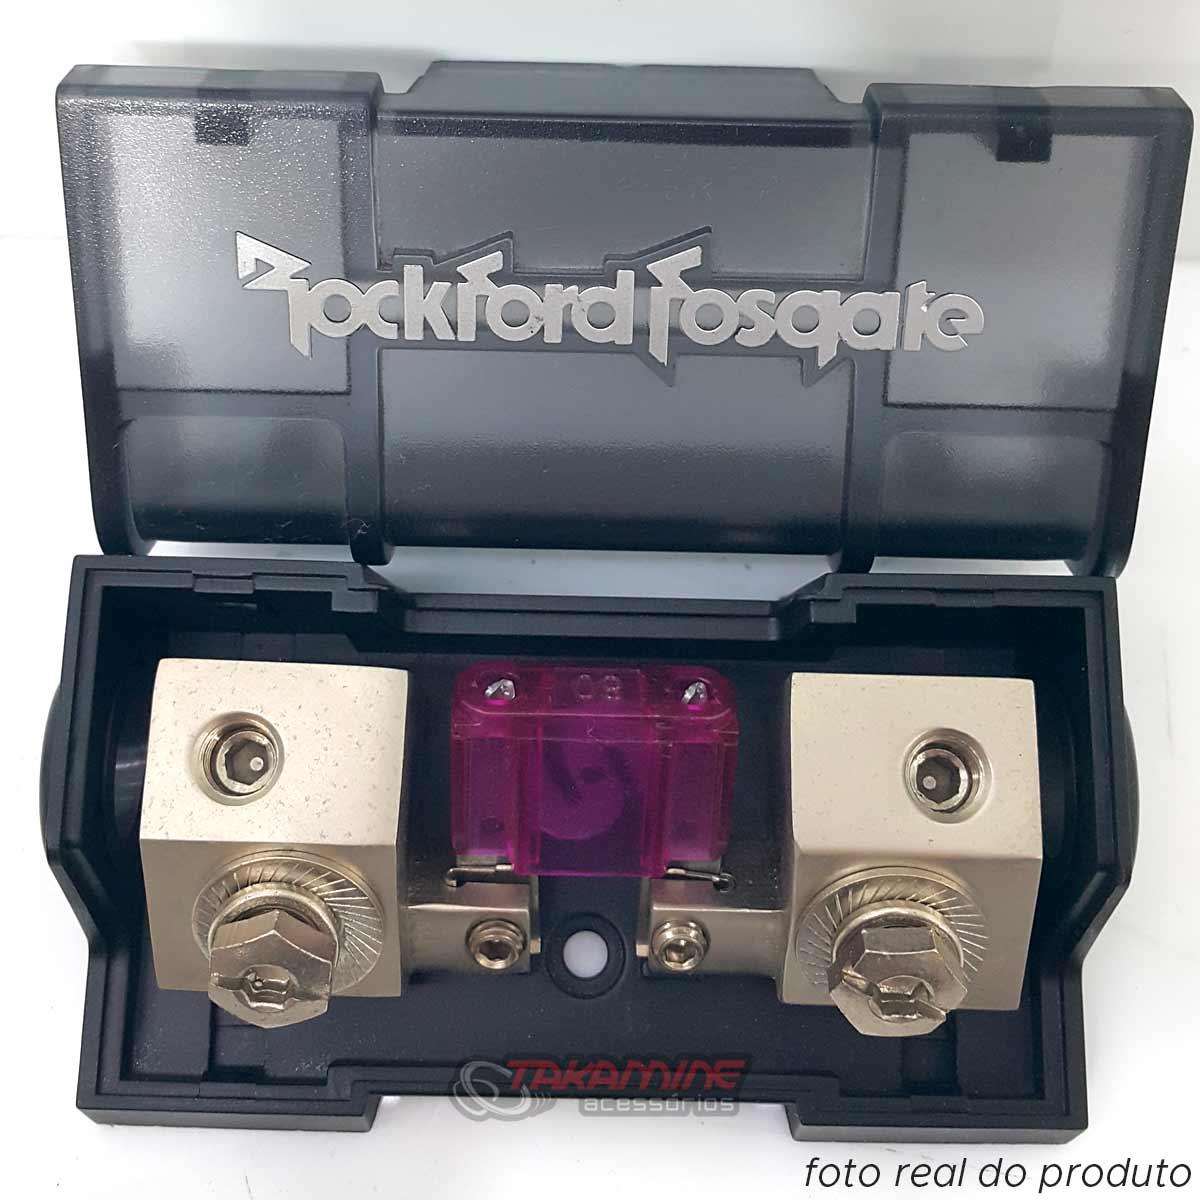 Porta fusível Rockford Fosgate para fio 4AWG